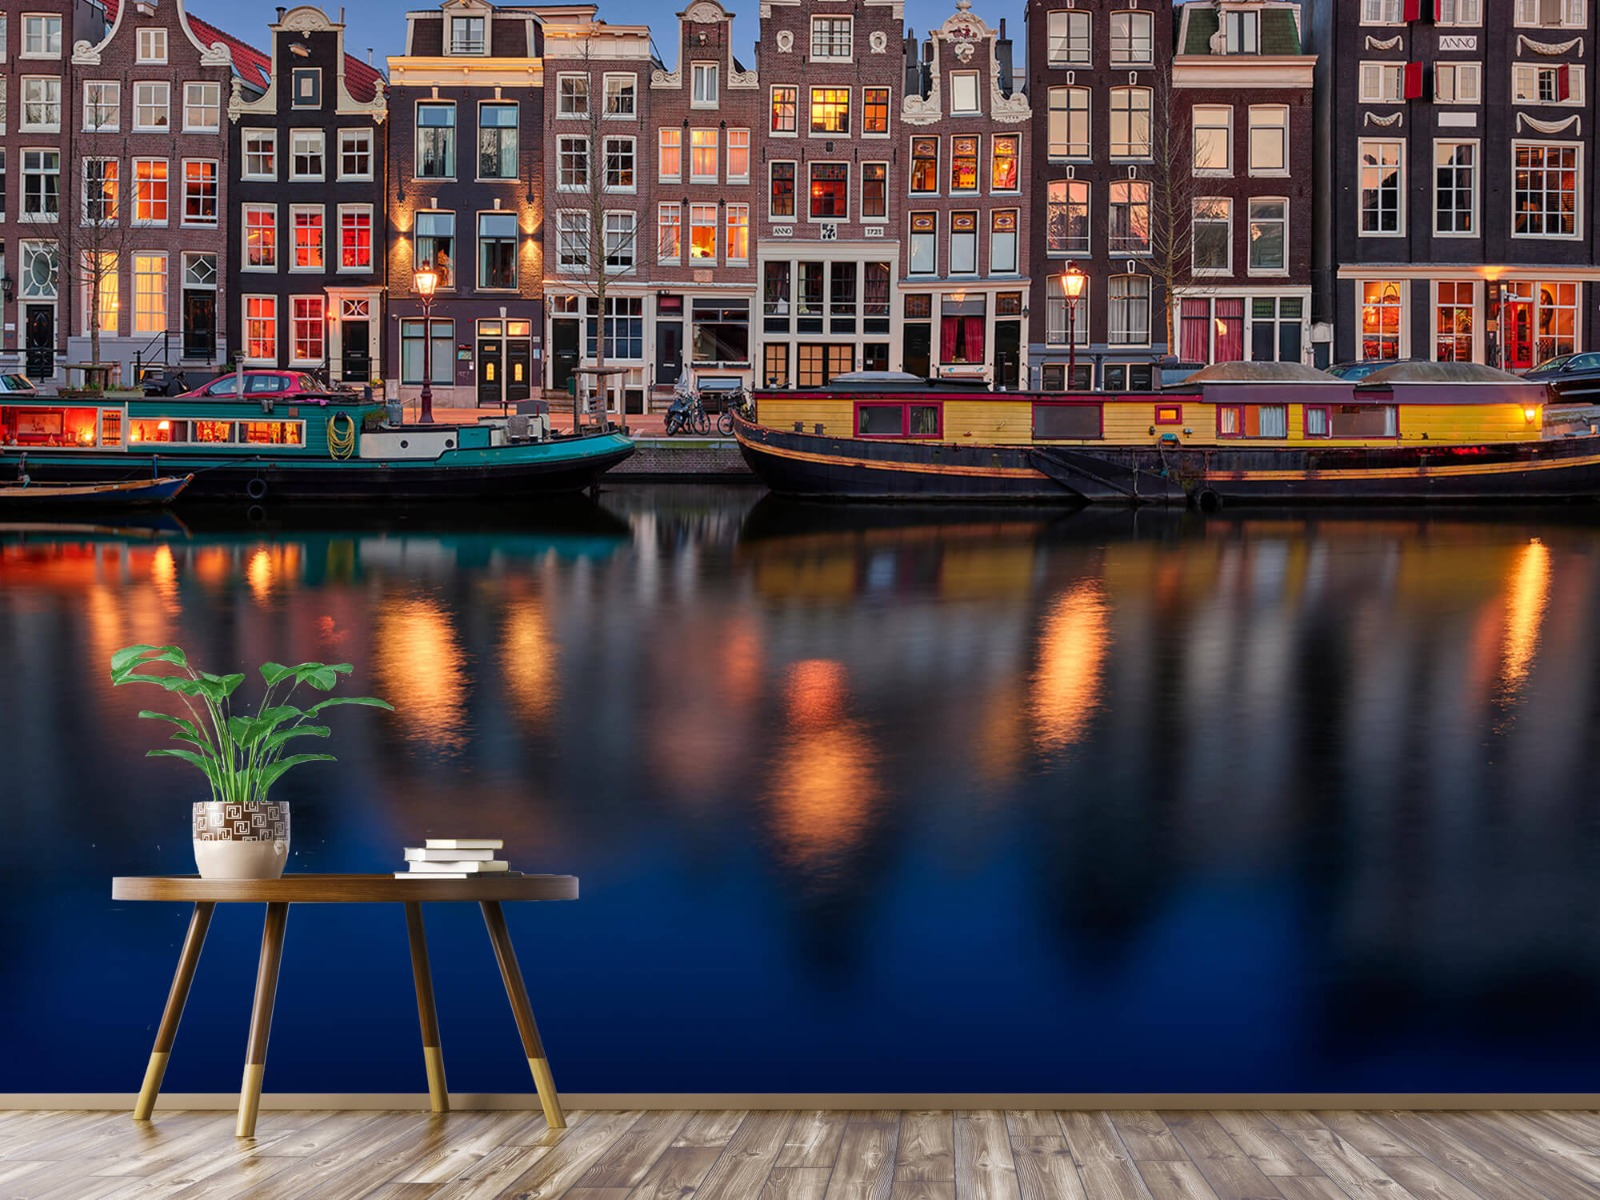 Architectuur - Grachtenpanden Amsterdam - Tienerkamer 4